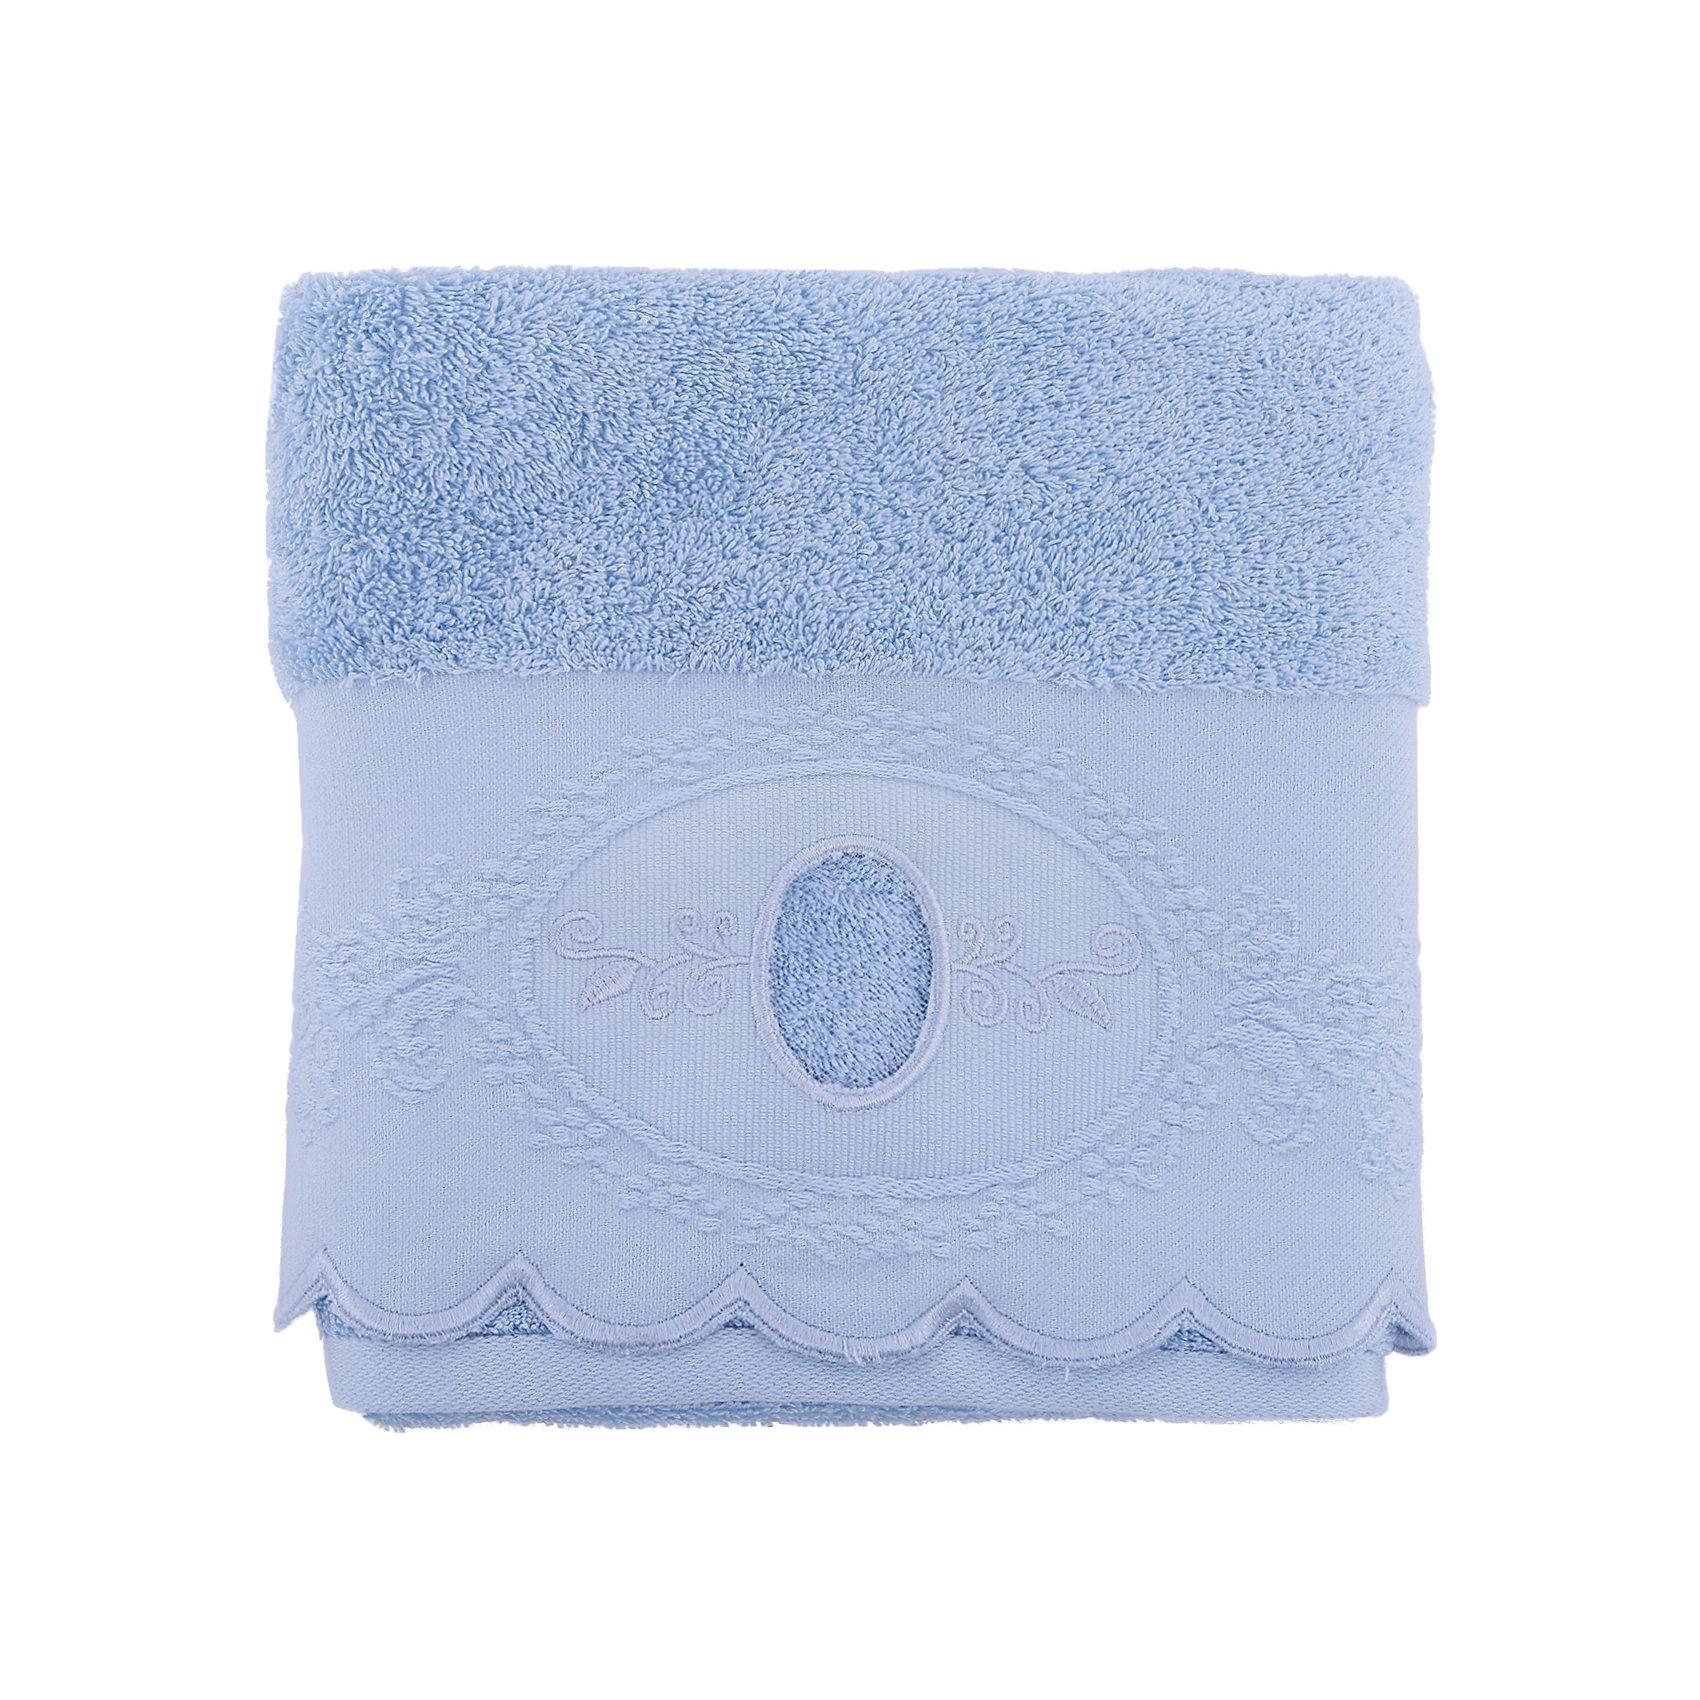 Полотенце махровое 50*90 Жаклин, Cozy Home, голубойПолотенце махровое 50*90 Жаклин, Cozy Home (Кози Хоум), голубой<br><br>Характеристики:<br><br>• хорошо впитывает влагу<br>• изысканный дизайн<br>• материал: хлопок<br>• размер: 50х90 см<br>• цвет: голубой<br><br>Махровое полотенце от Cozy Home порадует вас своей мягкостью и прочностью. Оно изготовлено из качественного хлопка. Как известно, хлопок - гипоаллергенный материал, приятный телу. Он не теряет свою форму, практически не мнется и даже обладает антибактериальными свойствами. Полотенца из хлопка хорошо впитывают влагу, обладая высокой гигроскопичностью. Полотенце дополнено волнистым узором, вышивкой по краю и отлично подойдет к любому интерьеру ванной комнаты.<br><br>Полотенце махровое 50*90 Жаклин, Cozy Home (Кози Хоум), голубой вы можете купить в нашем интернет-магазине.<br><br>Ширина мм: 150<br>Глубина мм: 250<br>Высота мм: 150<br>Вес г: 250<br>Возраст от месяцев: 0<br>Возраст до месяцев: 216<br>Пол: Унисекс<br>Возраст: Детский<br>SKU: 5355283